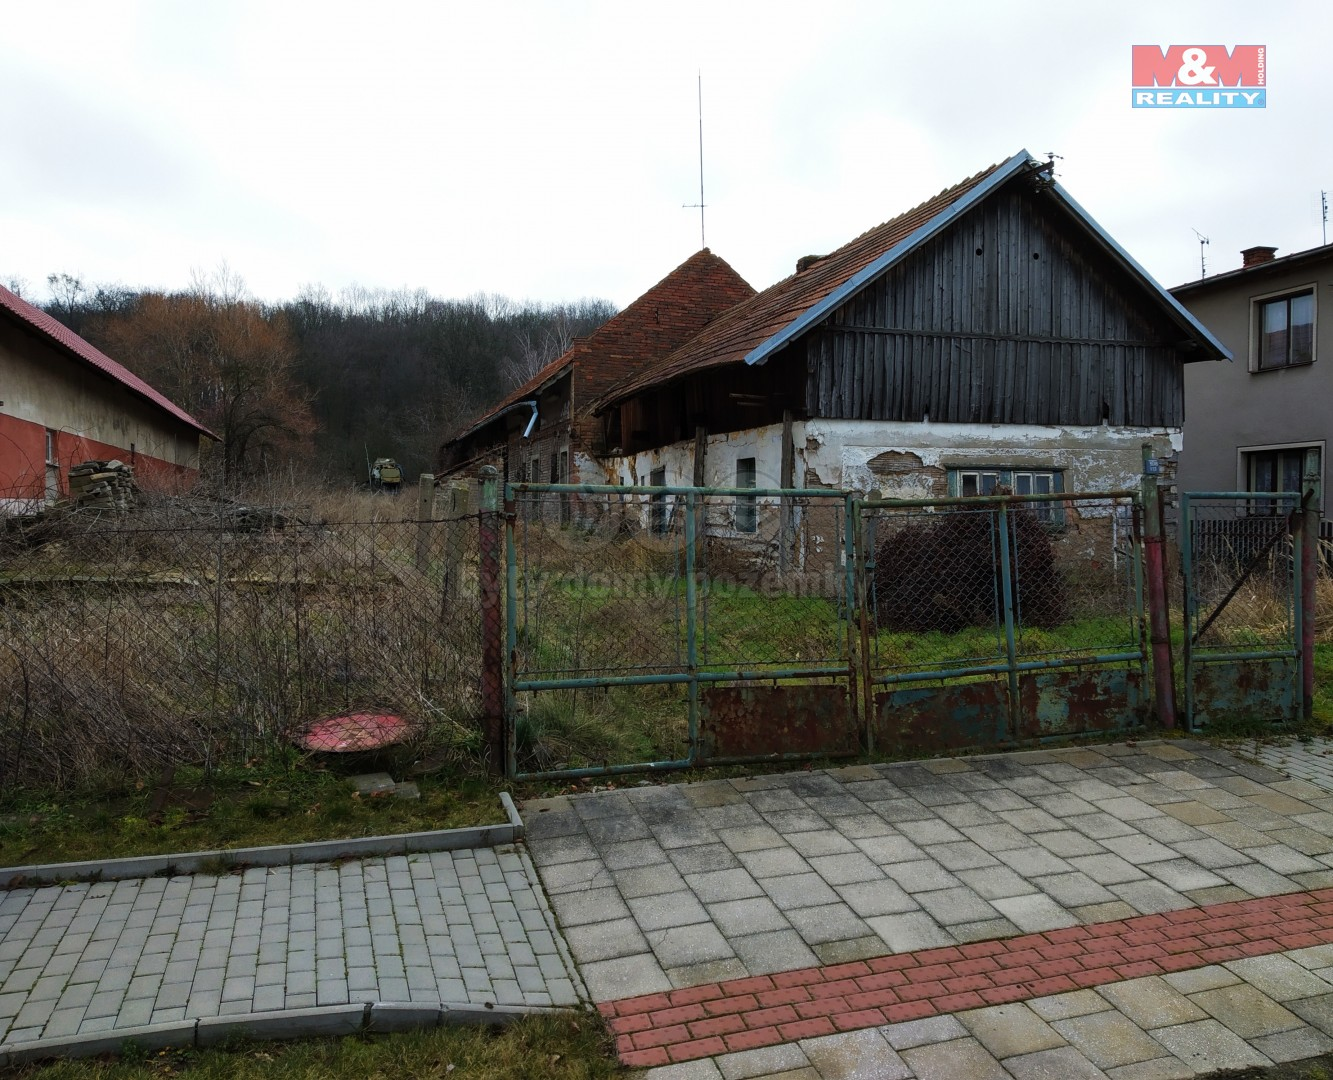 Prodej, stavební parcela, Kratonohy - Michnovka